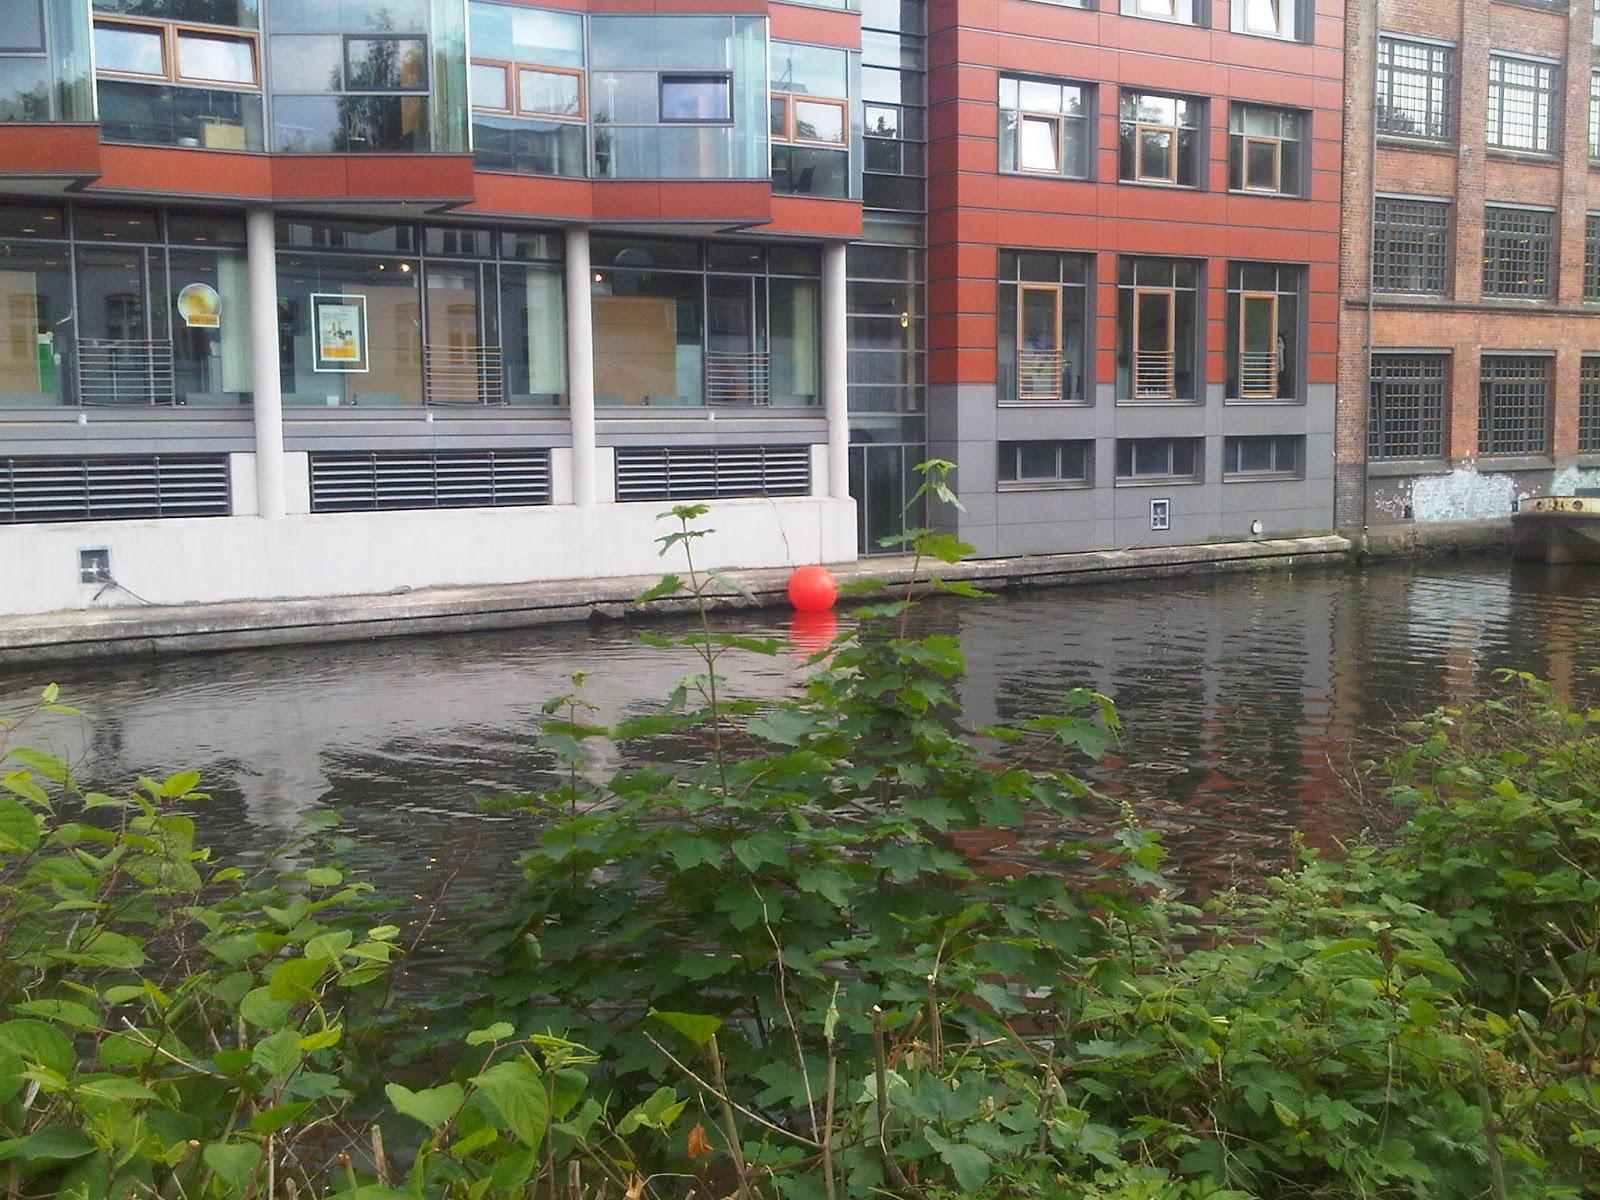 Goldbeckkanal mit neuem und altem Gebäude. Rote Boje im Wasser am Steg.